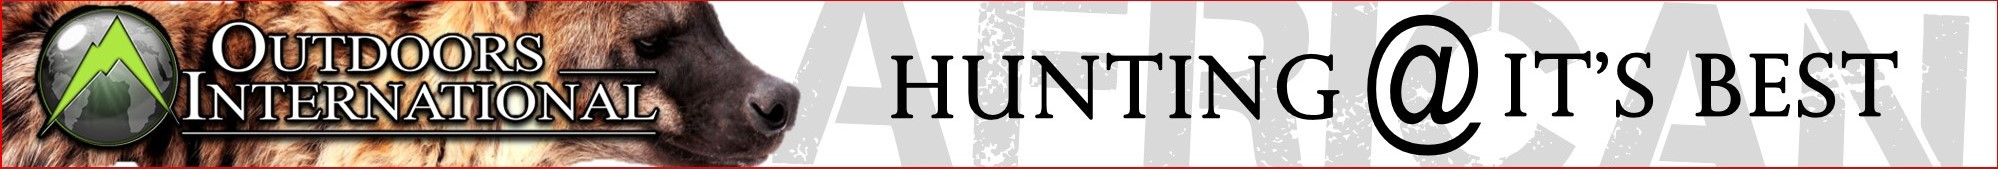 Outdoor International Hunting.jpg